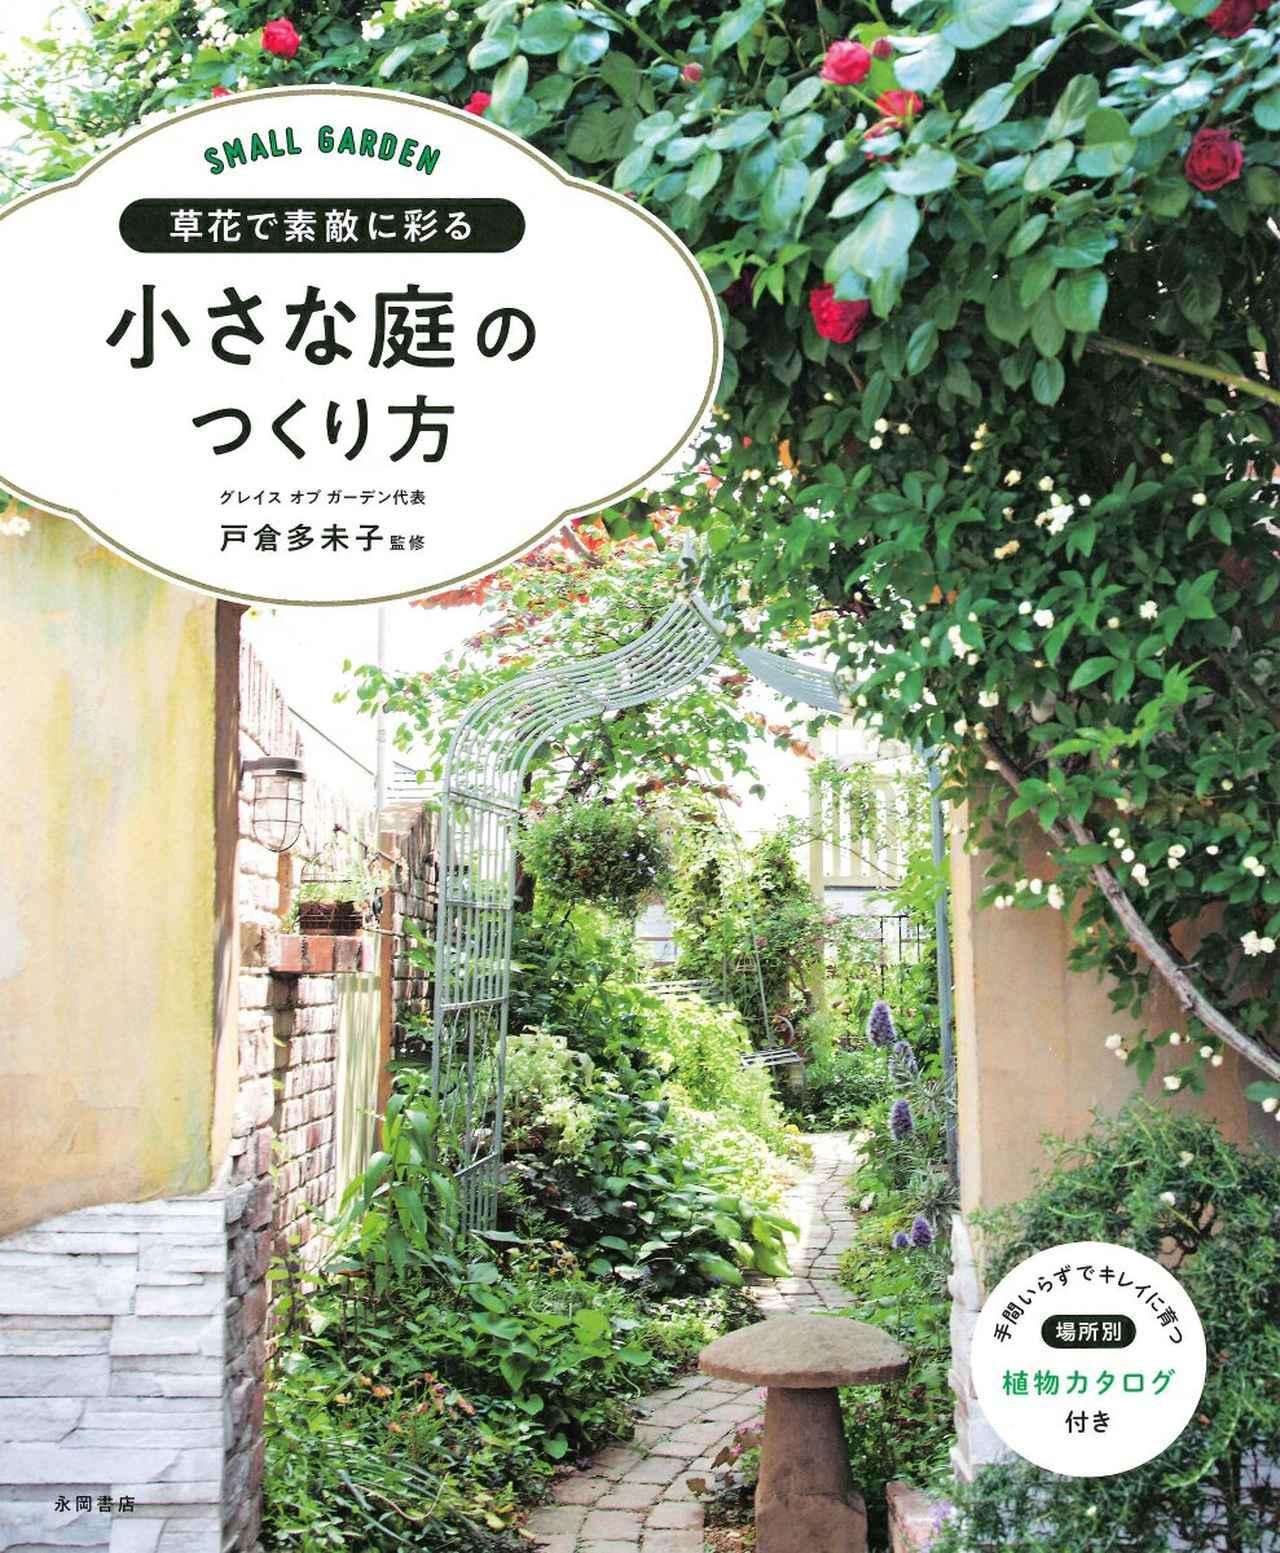 画像: 【庭DIY】庭作りの費用は?初心者におすすめの安くておしゃれなアイデア ホームセンターや専門家に頼む時のコツ